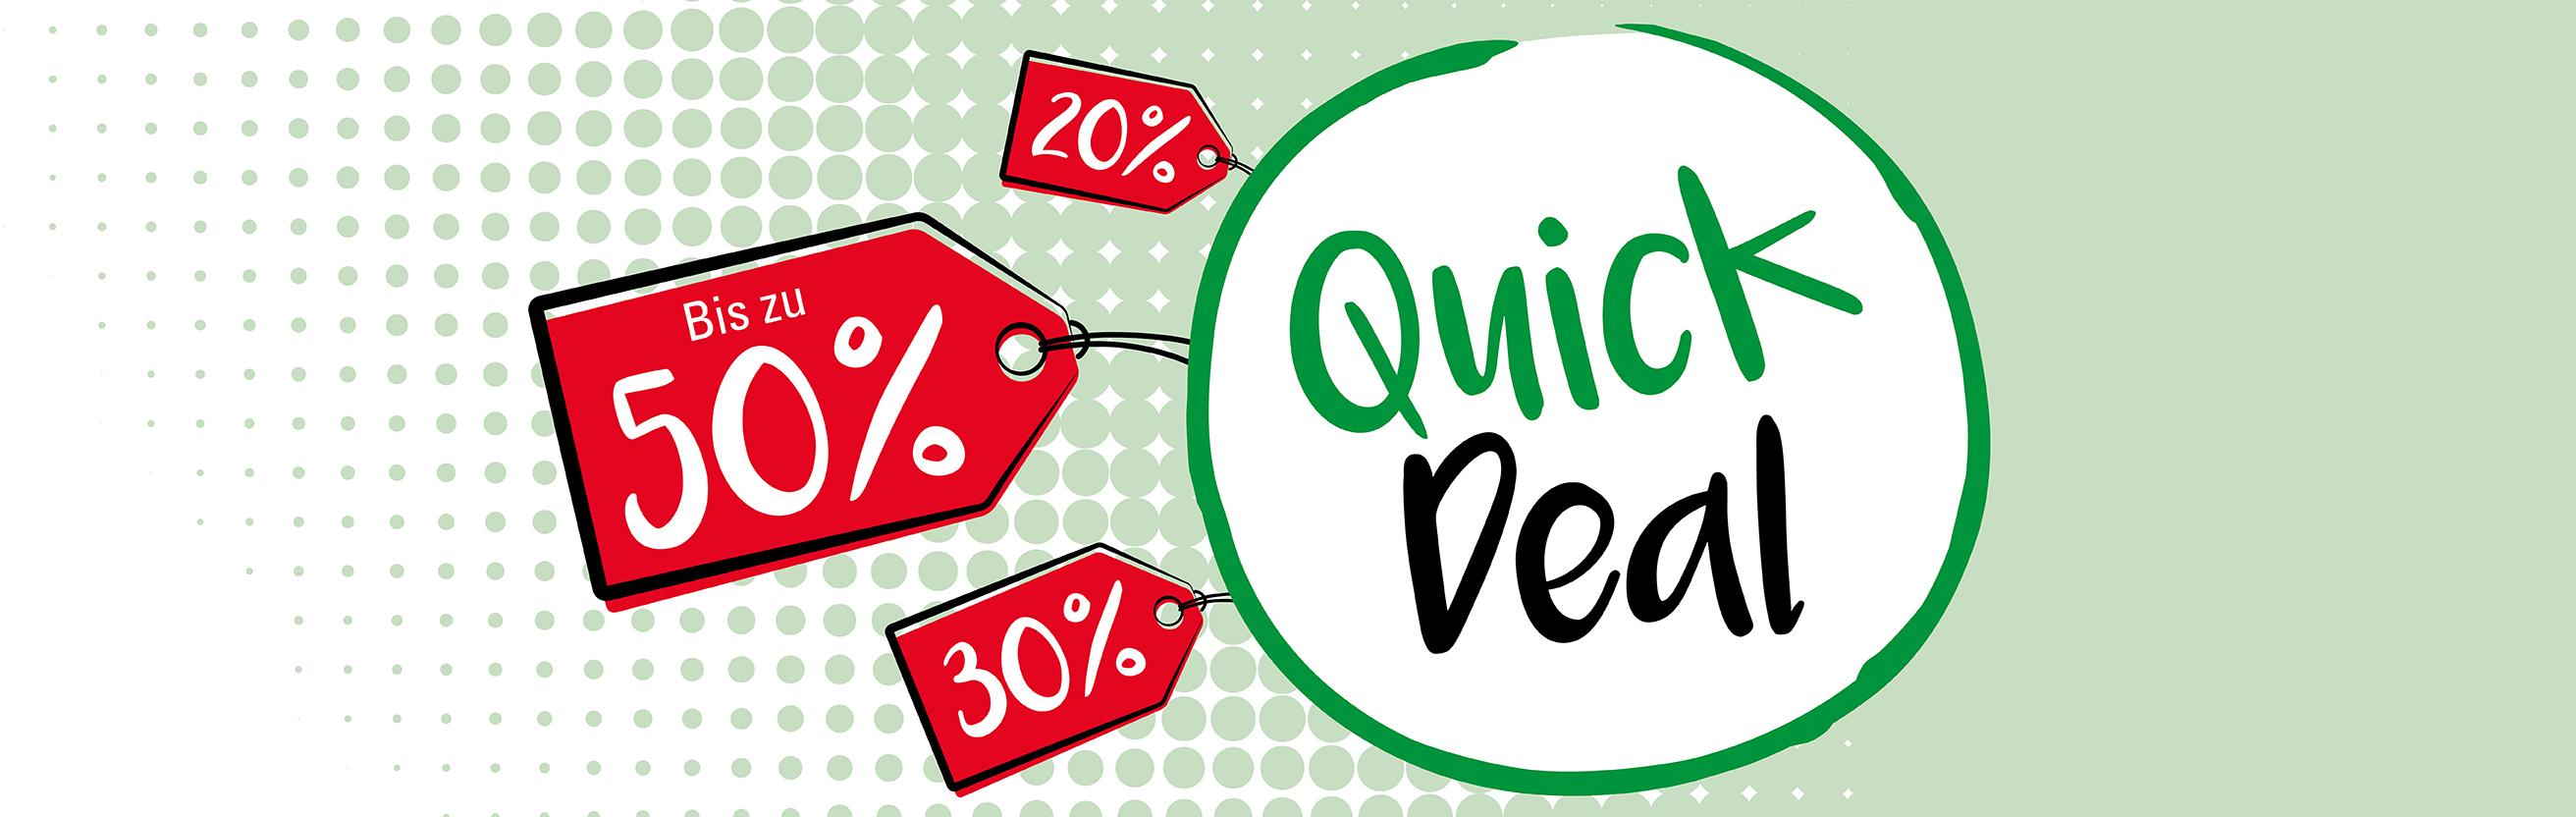 QS_Quick_Deal_FS2021_2_Banner_2624x832